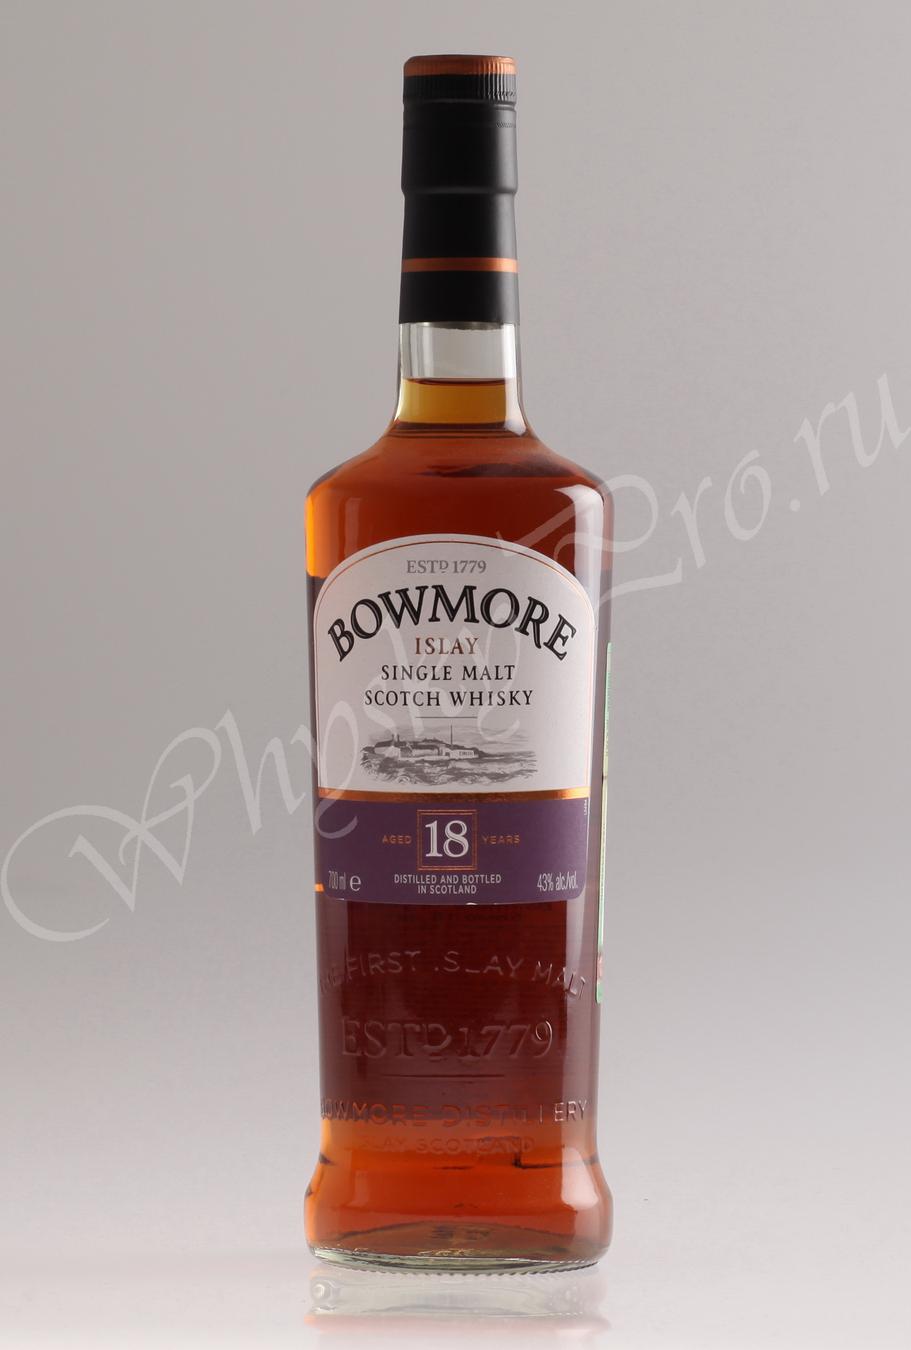 виски Боумор 18 лет Шотландский виски Bowmore 18 years